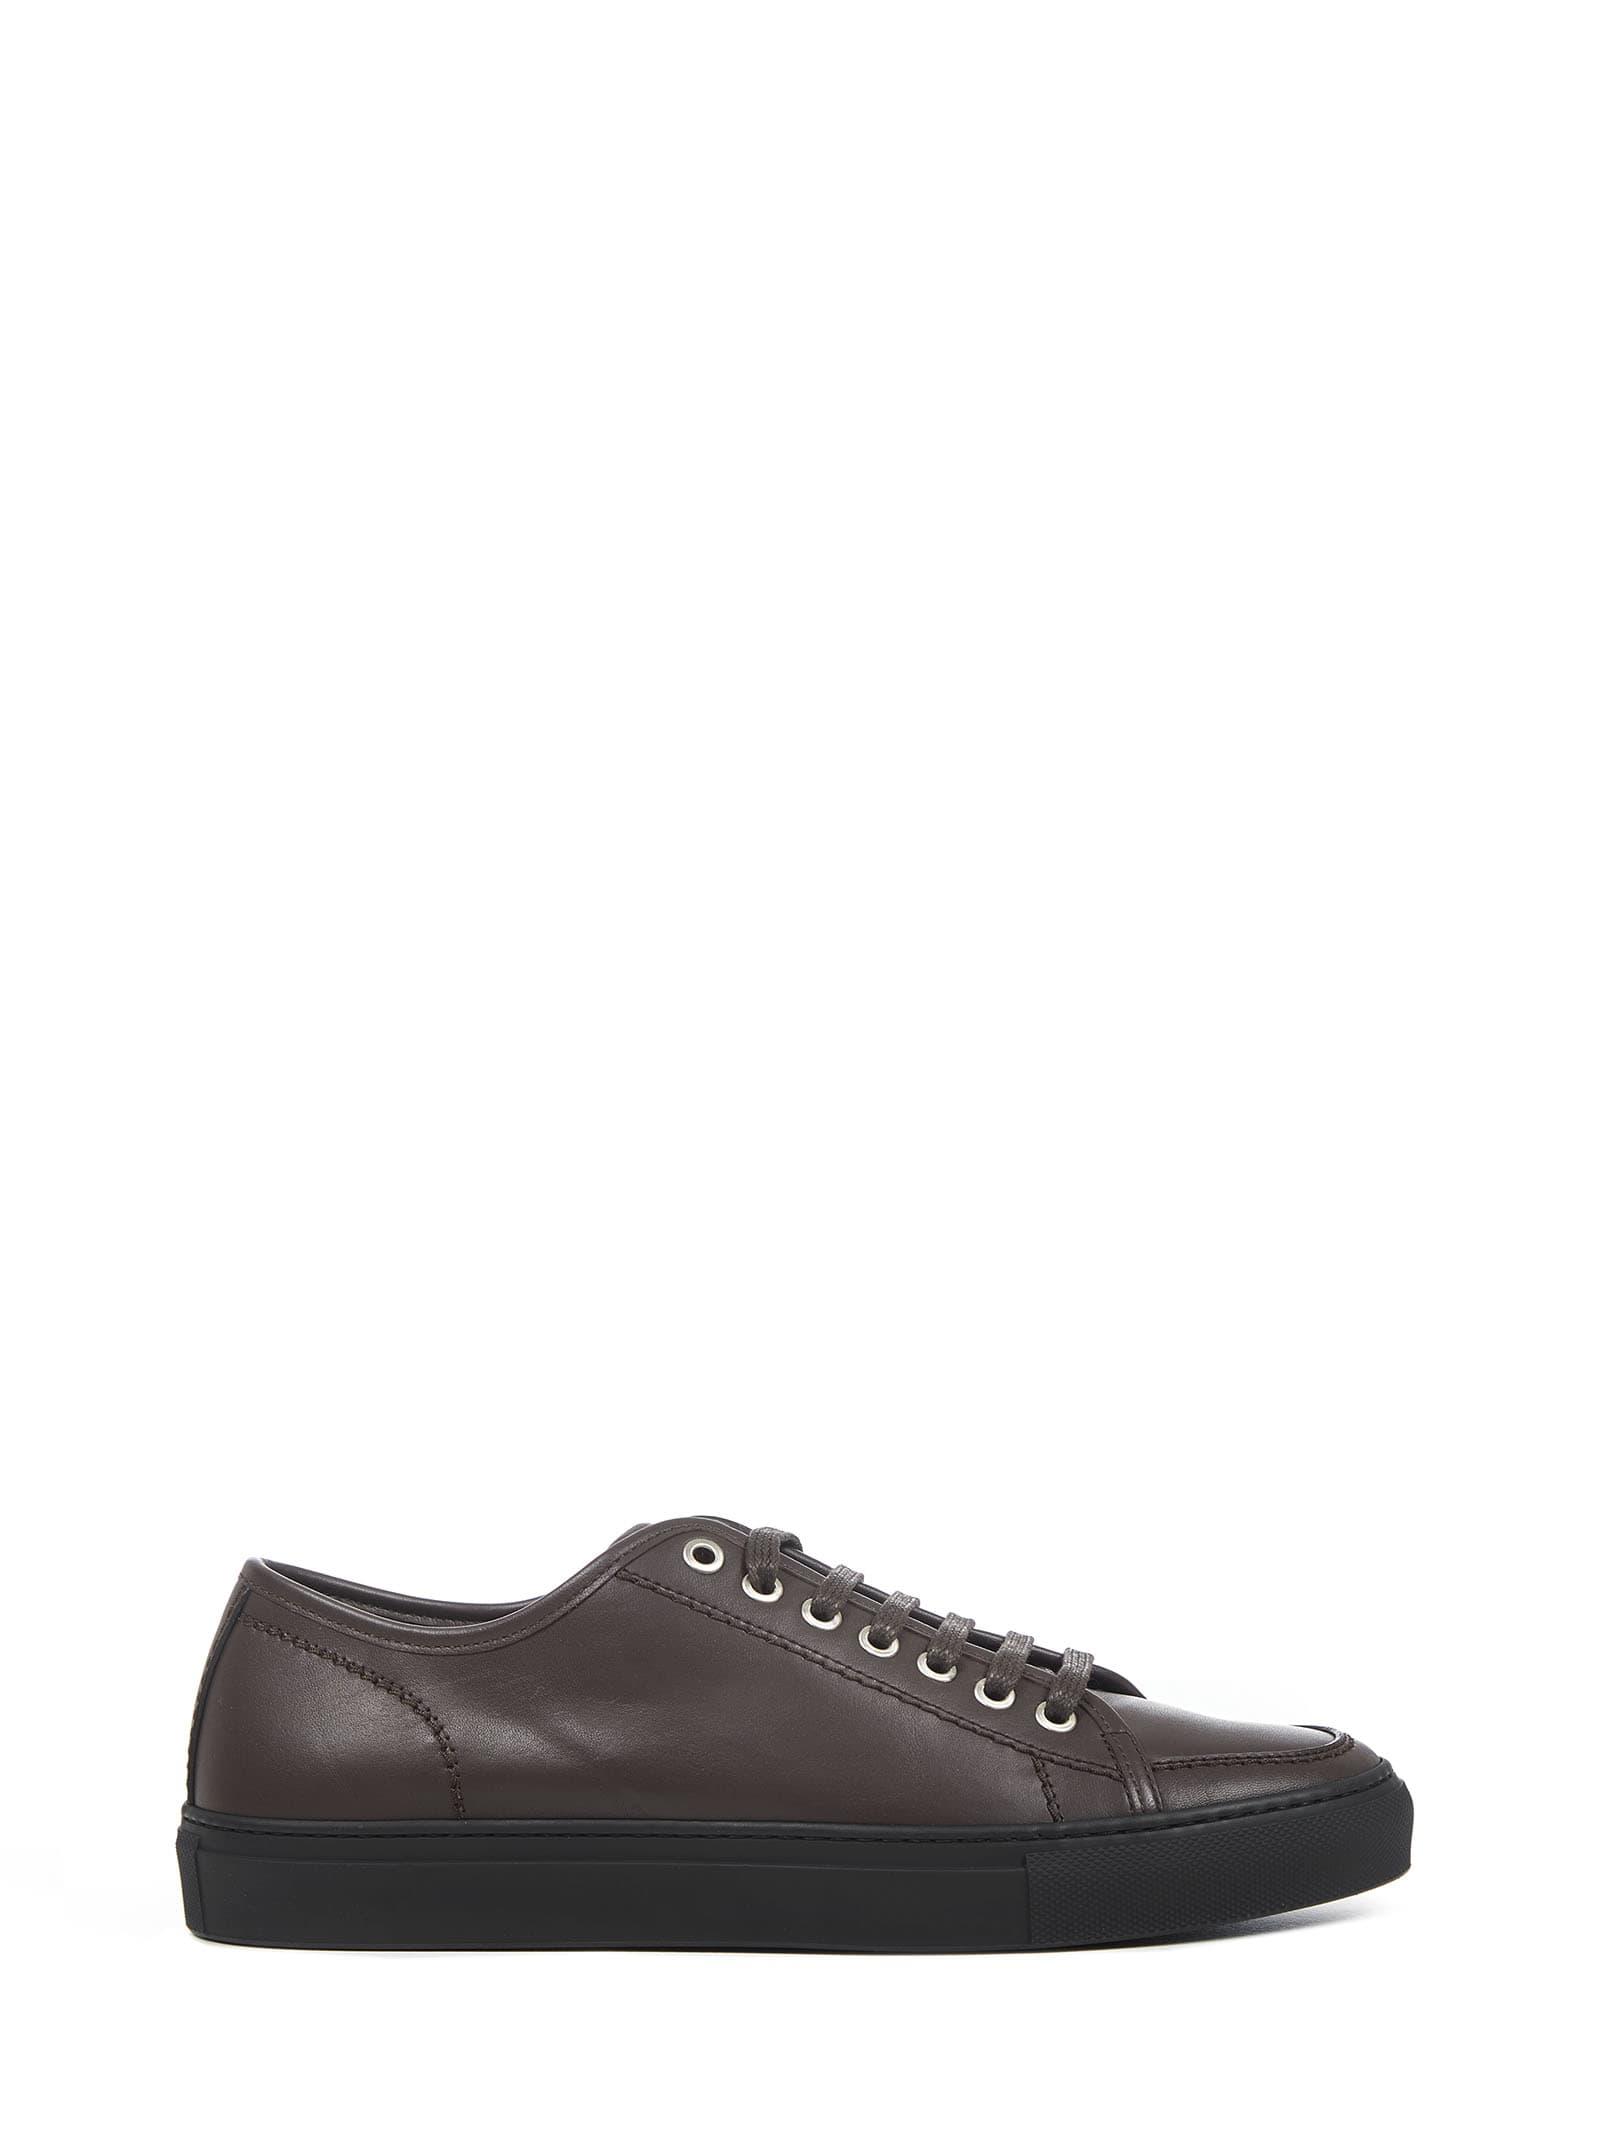 Brioni Sneakers   italist, ALWAYS LIKE